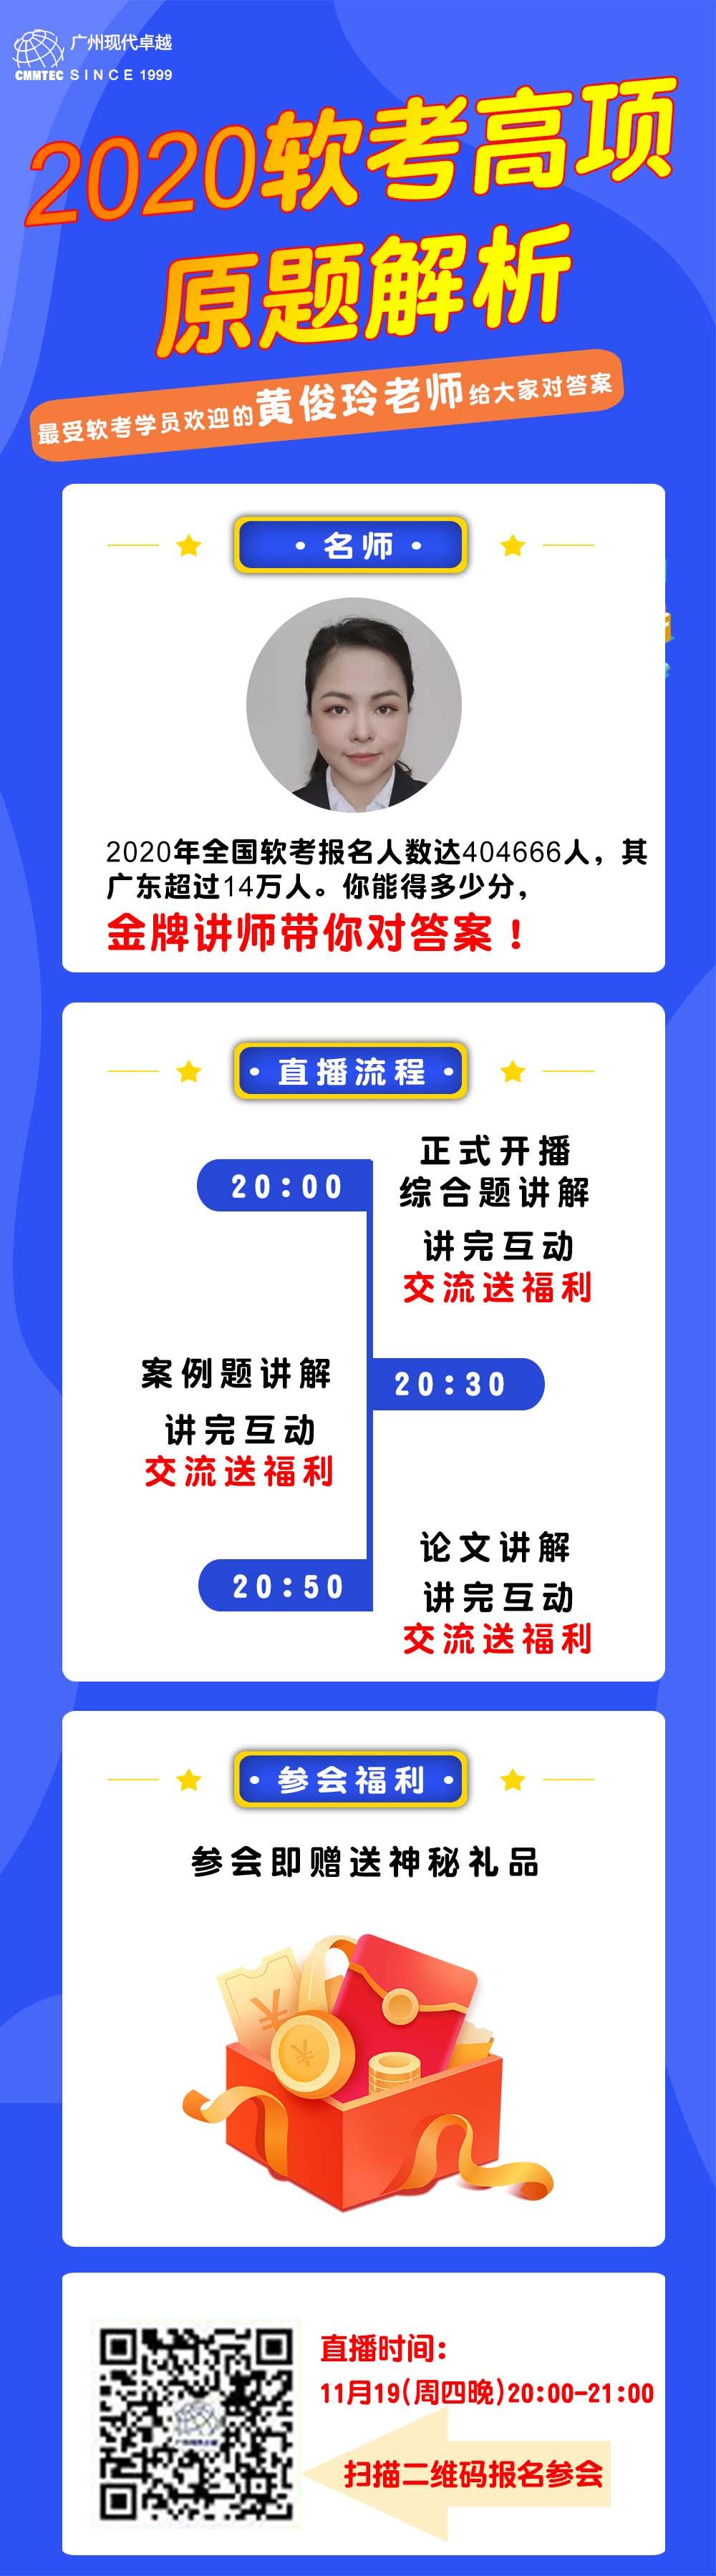 软考高项,广州现代卓越喊你对答案喽